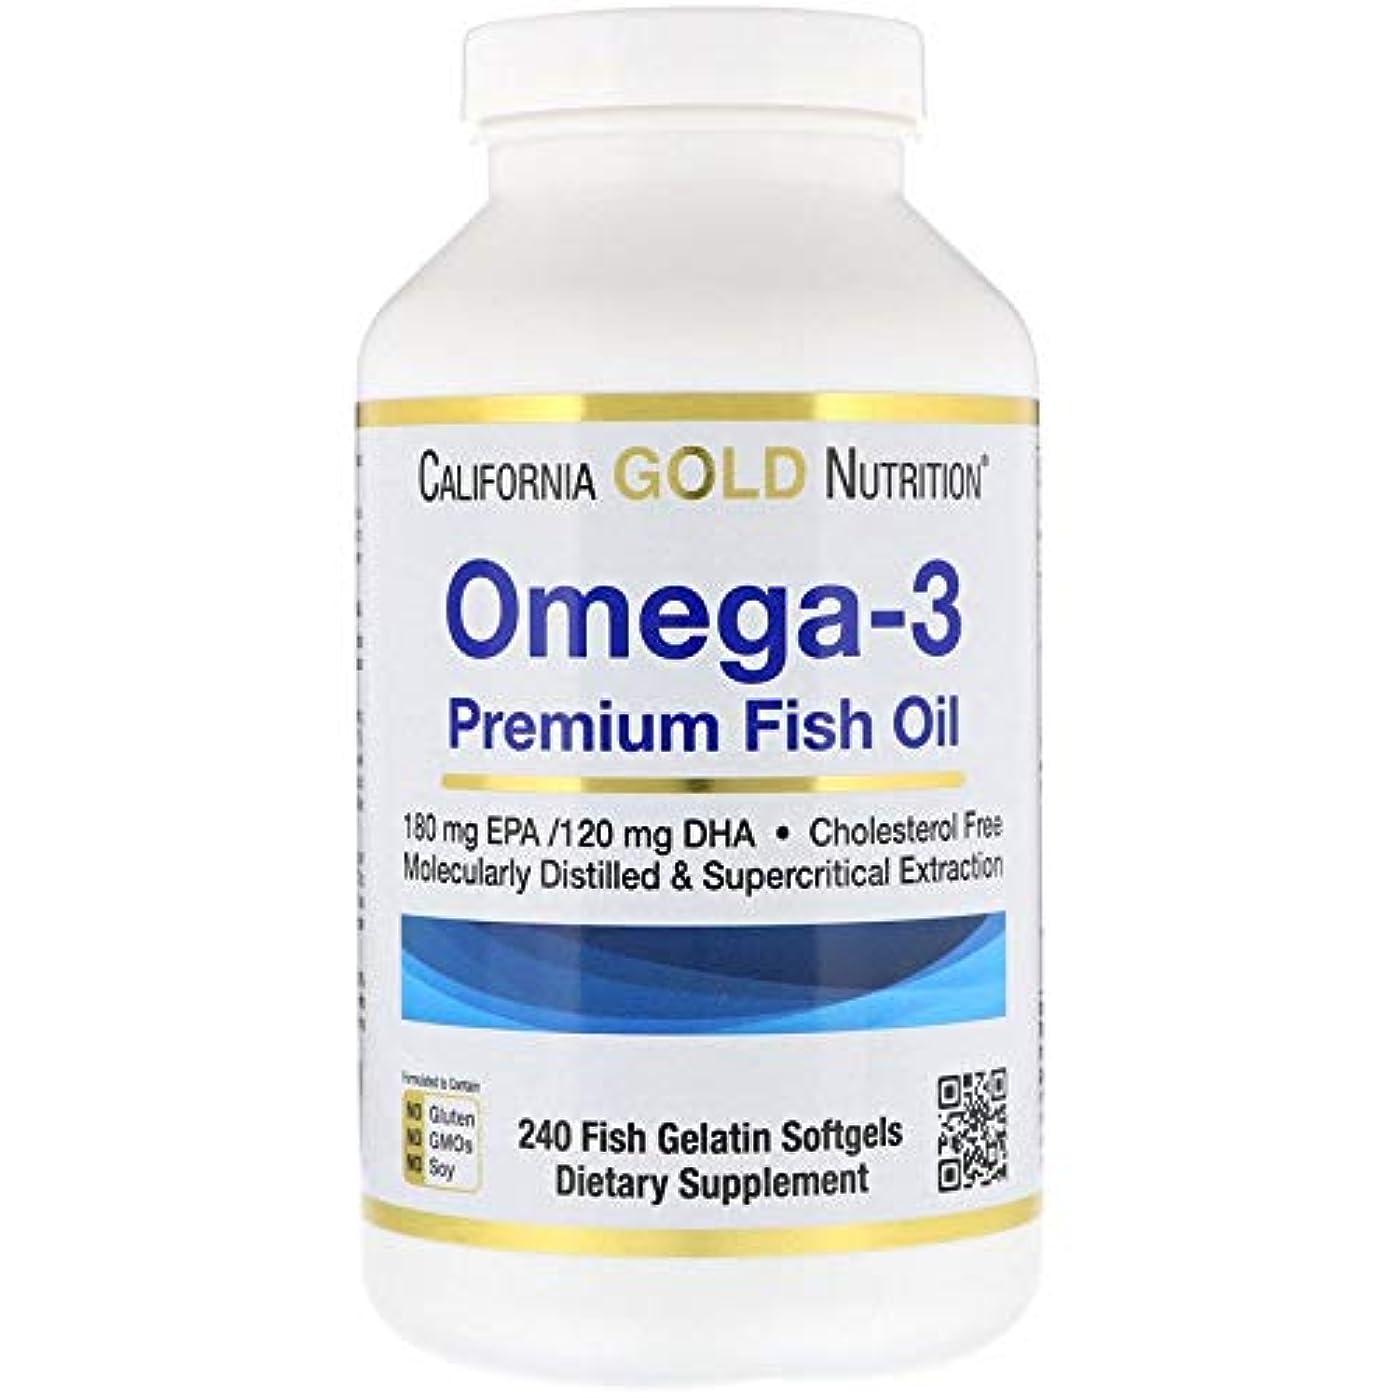 閉じ込める平方ランタンCalifornia Gold Nutrition Omega-3 Premium オメガ3 フィッシュオイル お買い得 240粒 X 2 パックFish Gelatin Softgels [並行輸入品] FjgH